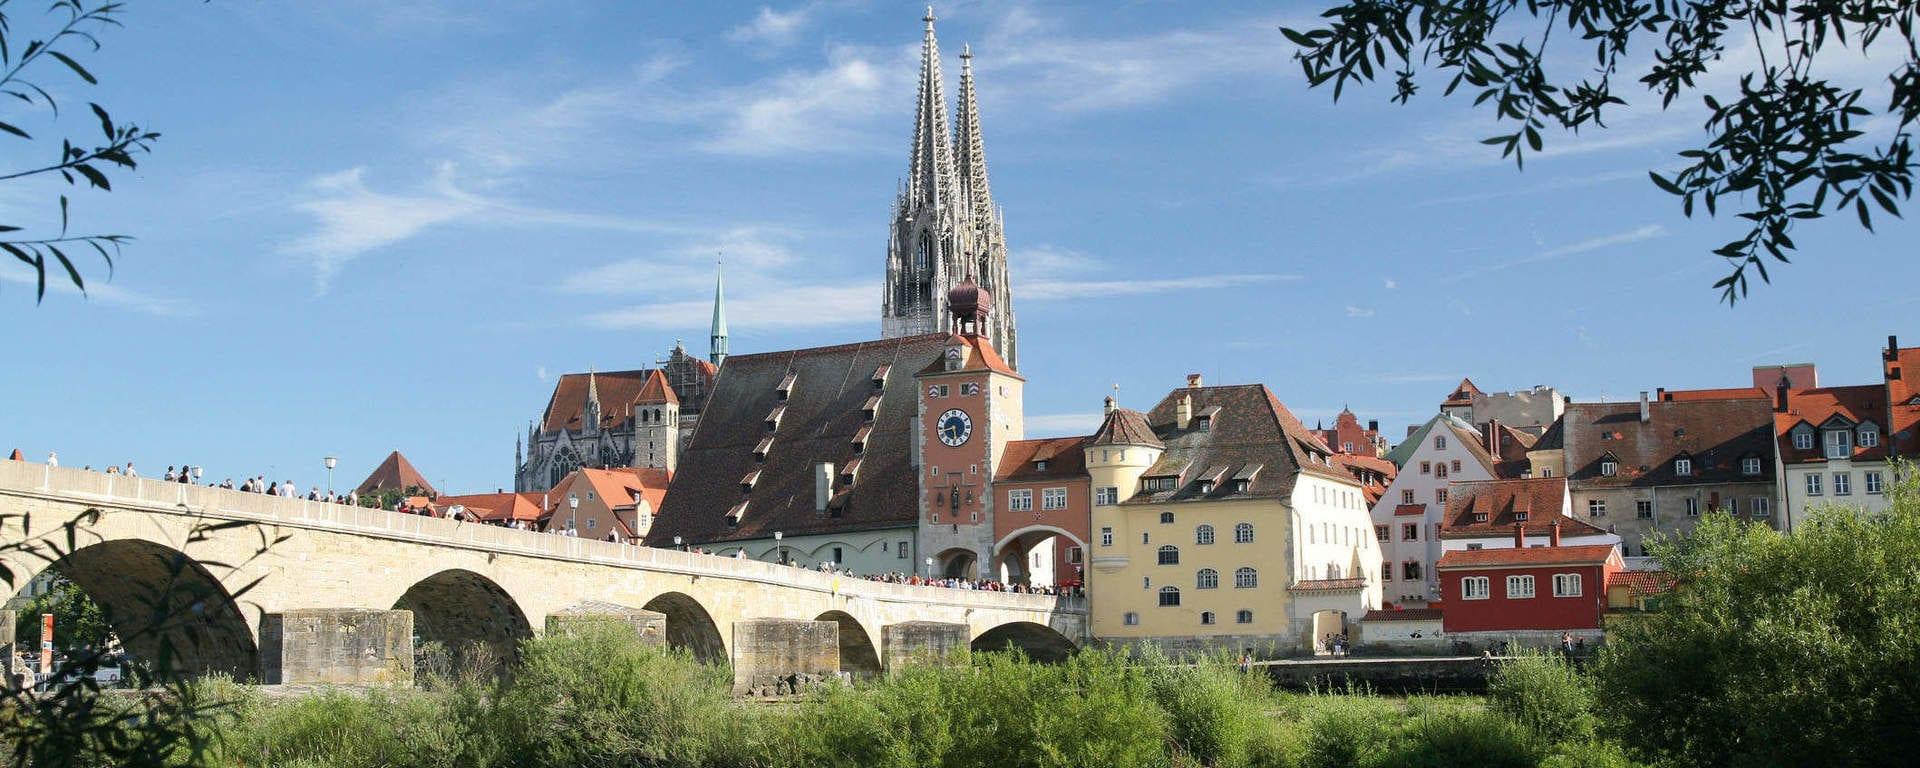 Regensburg niederbayern kultur unesco welterbestadt - Mobelhauser regensburg umgebung ...